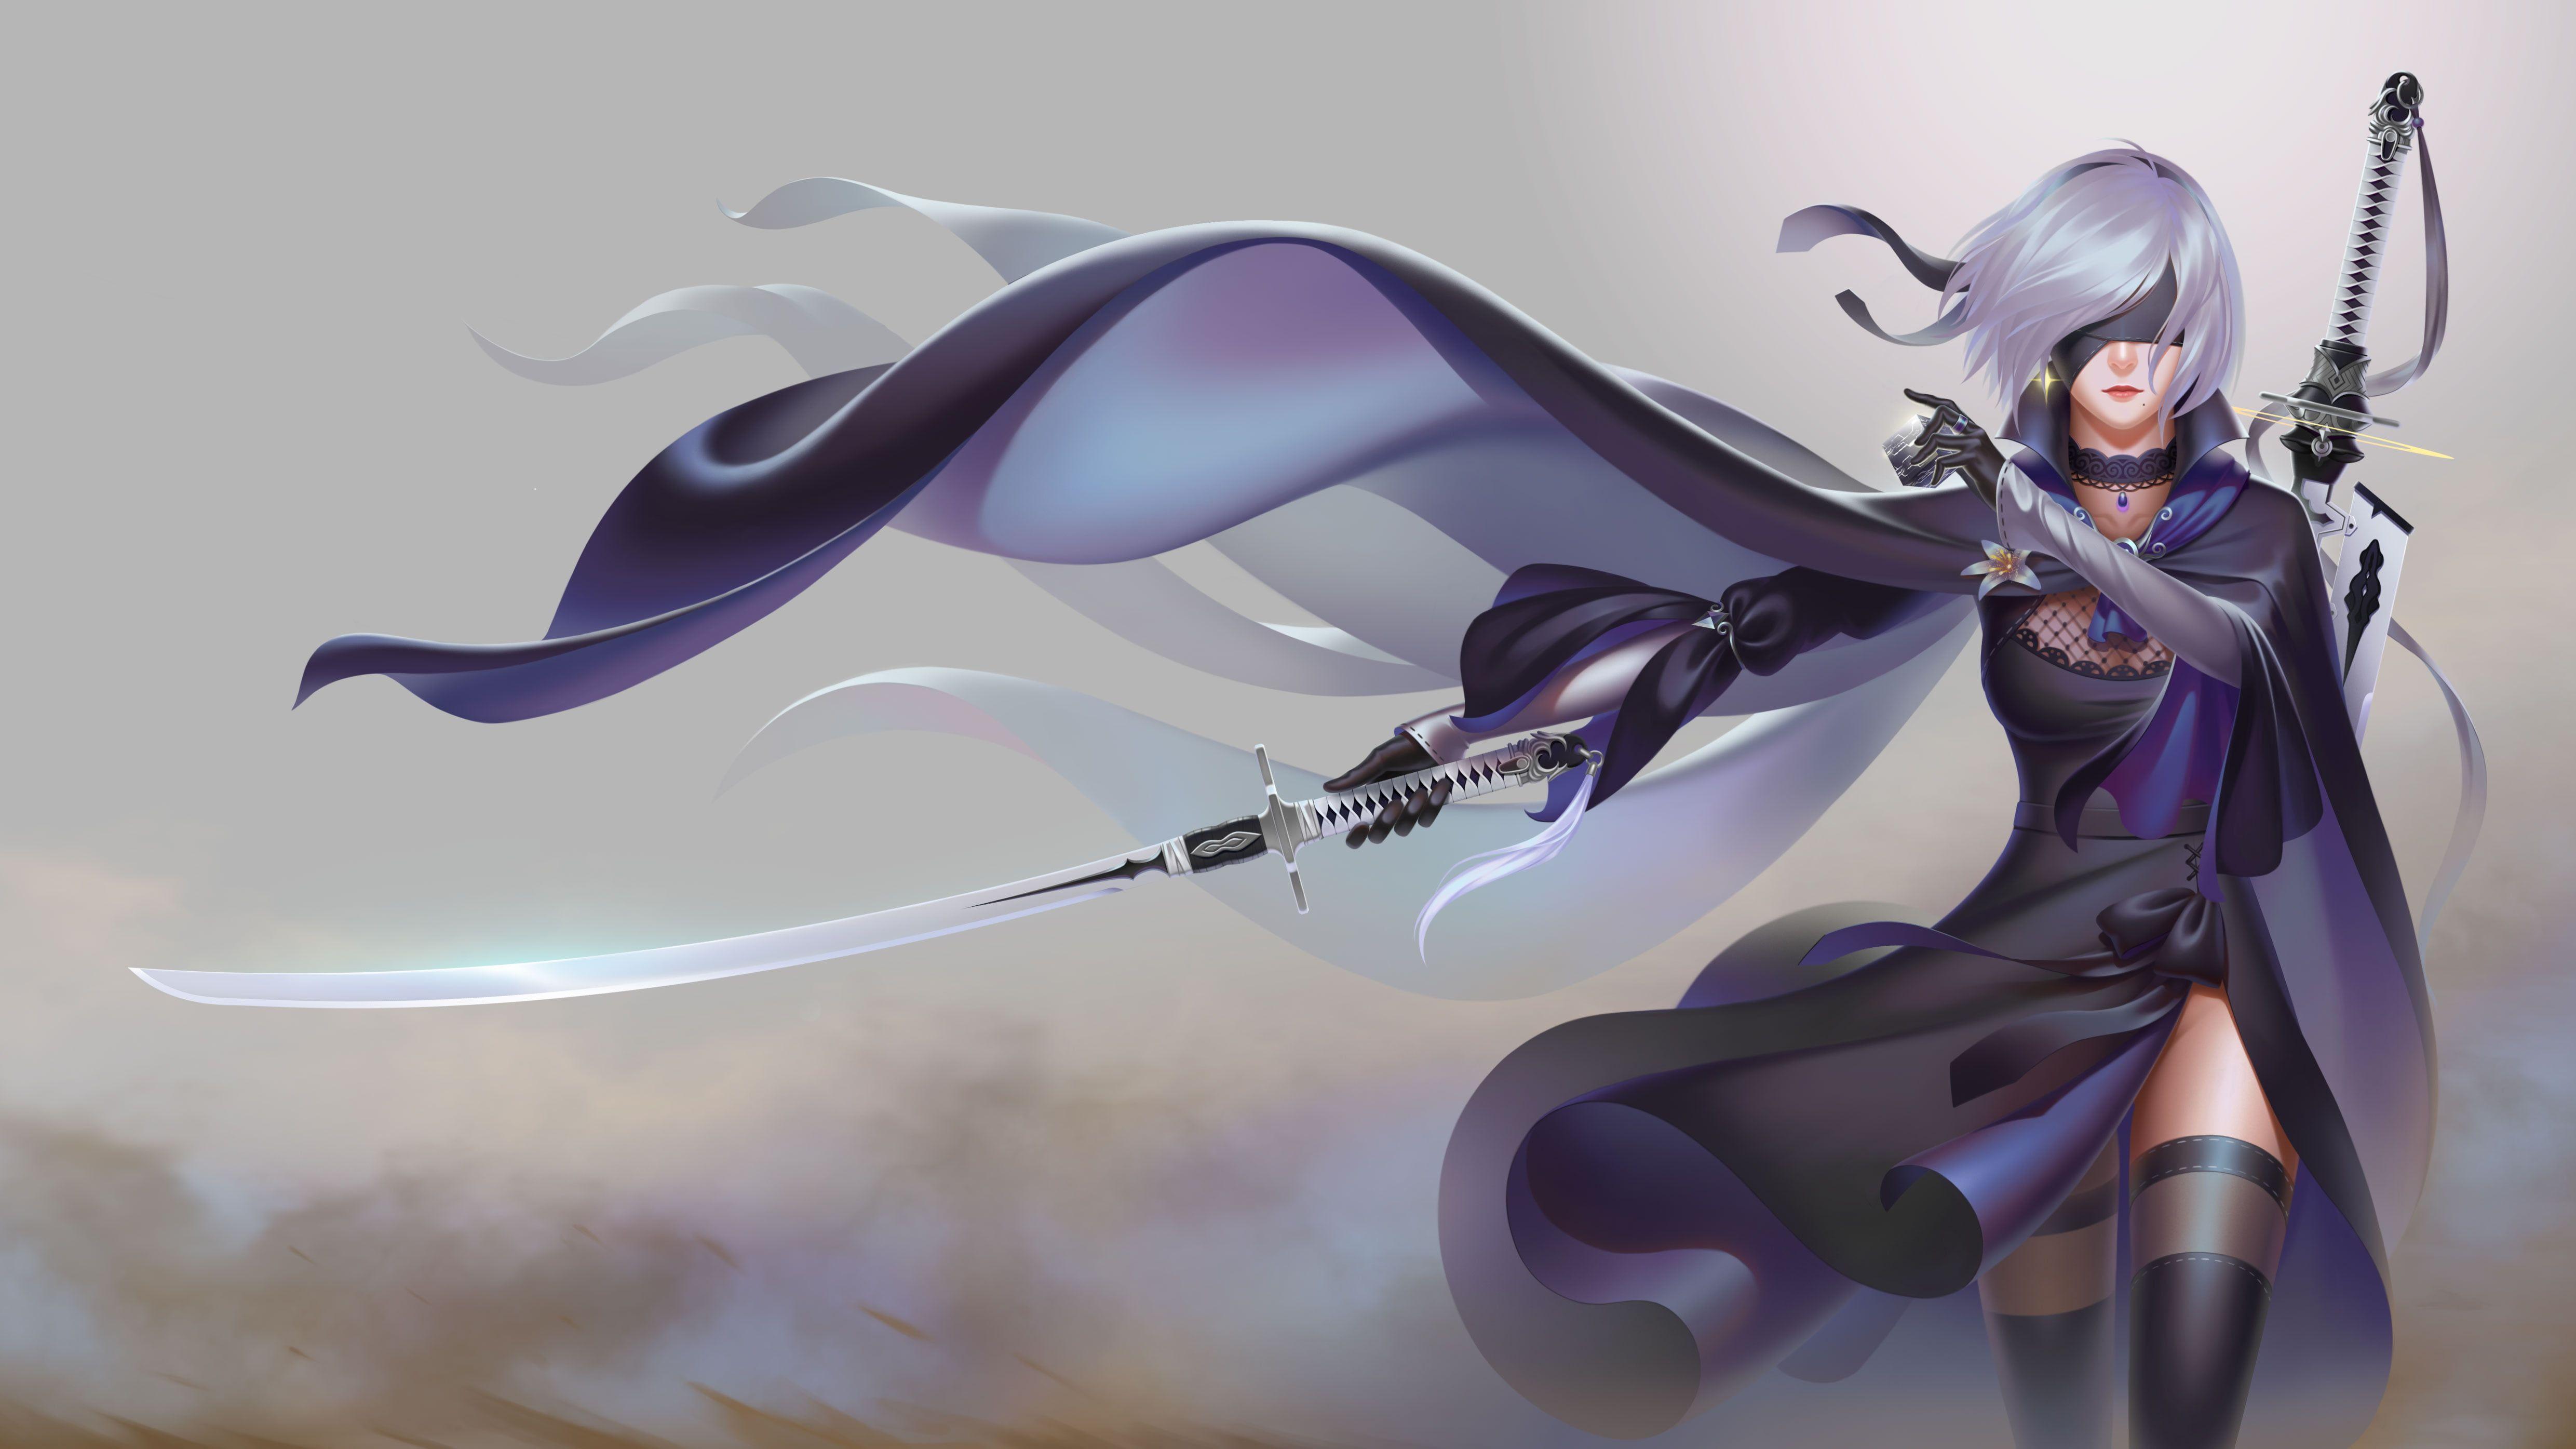 Female Anime Character Holding Sword Wallpaper Video Games Nier